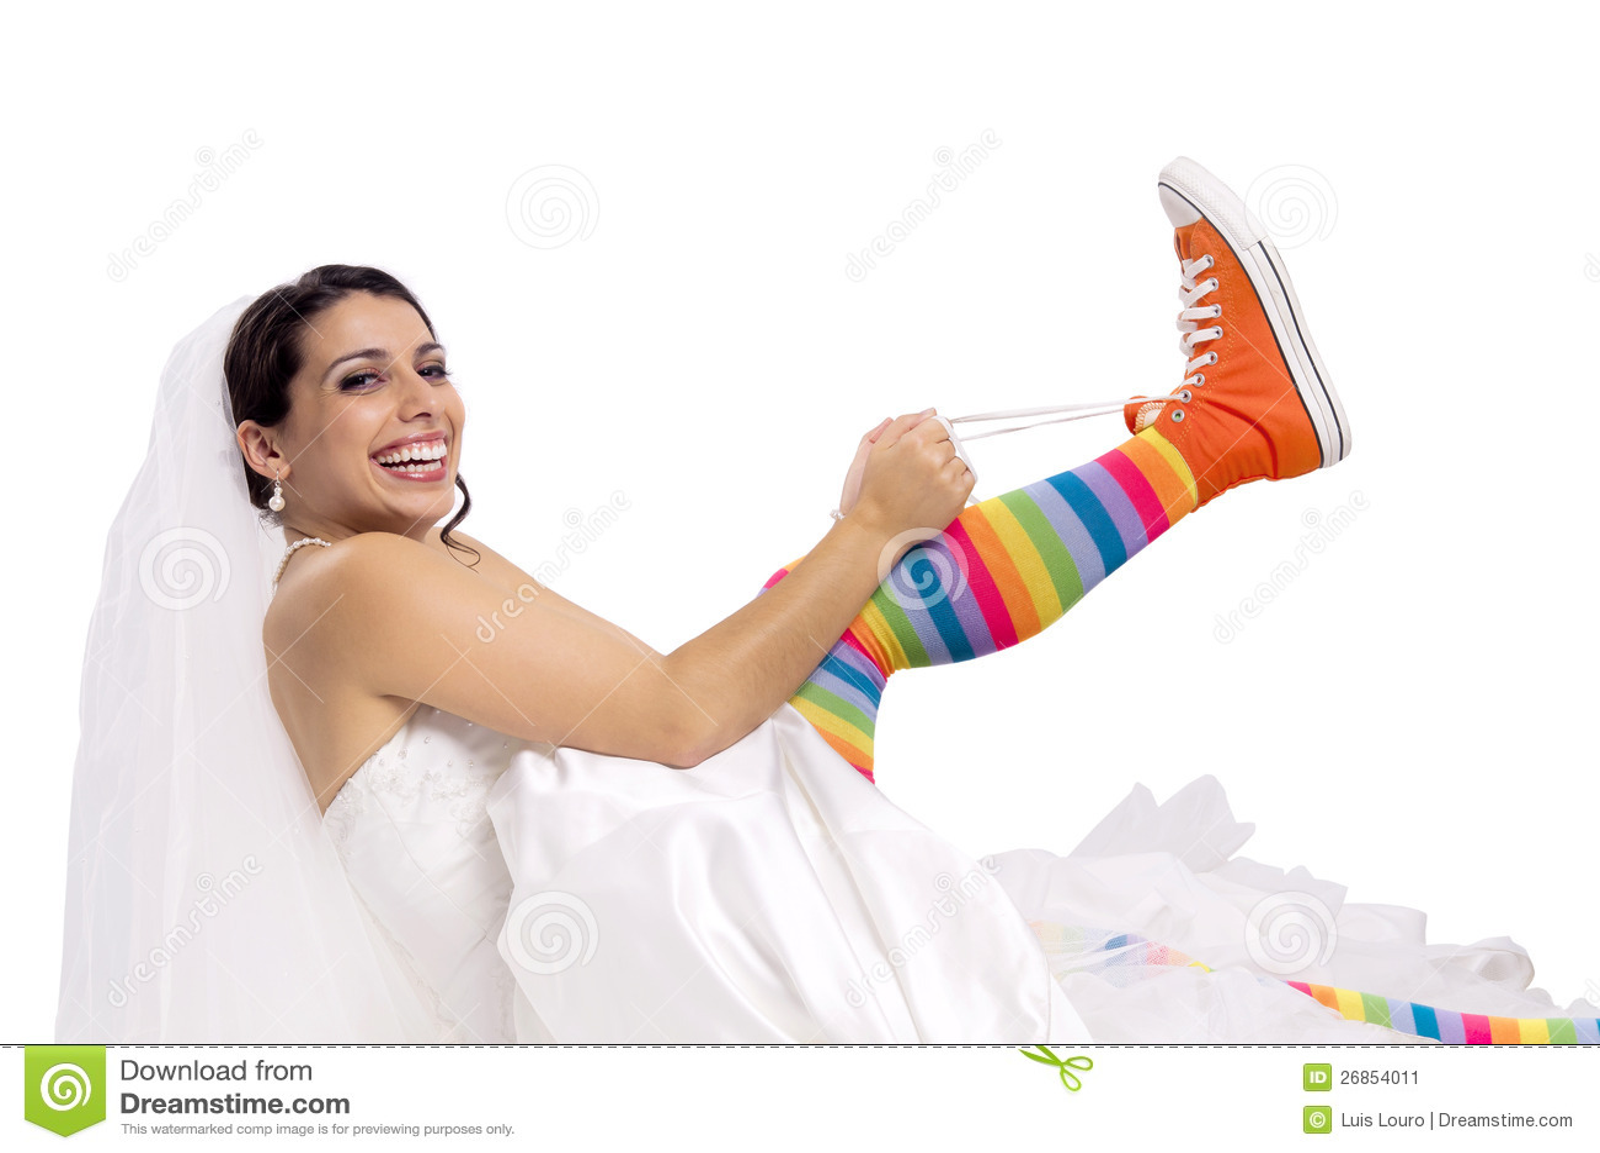 Lustige Brautschuhe Stockbild Bild Von Schonheit Eleganz 26854011